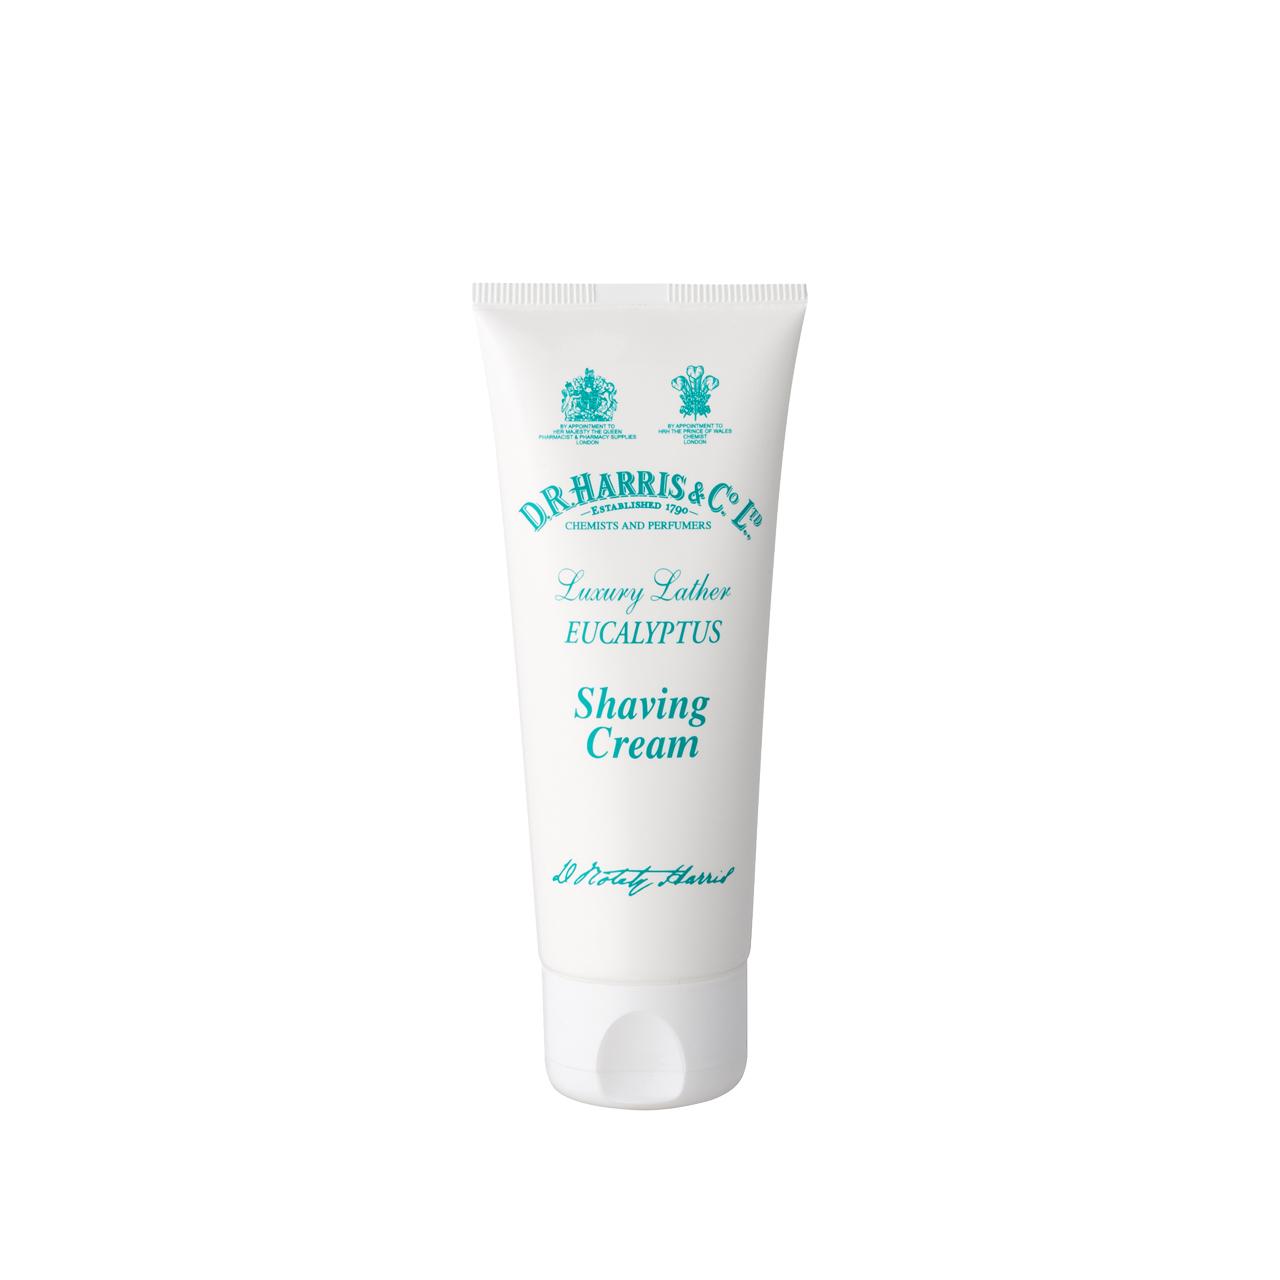 Eucalyptus - Shaving Cream Tube